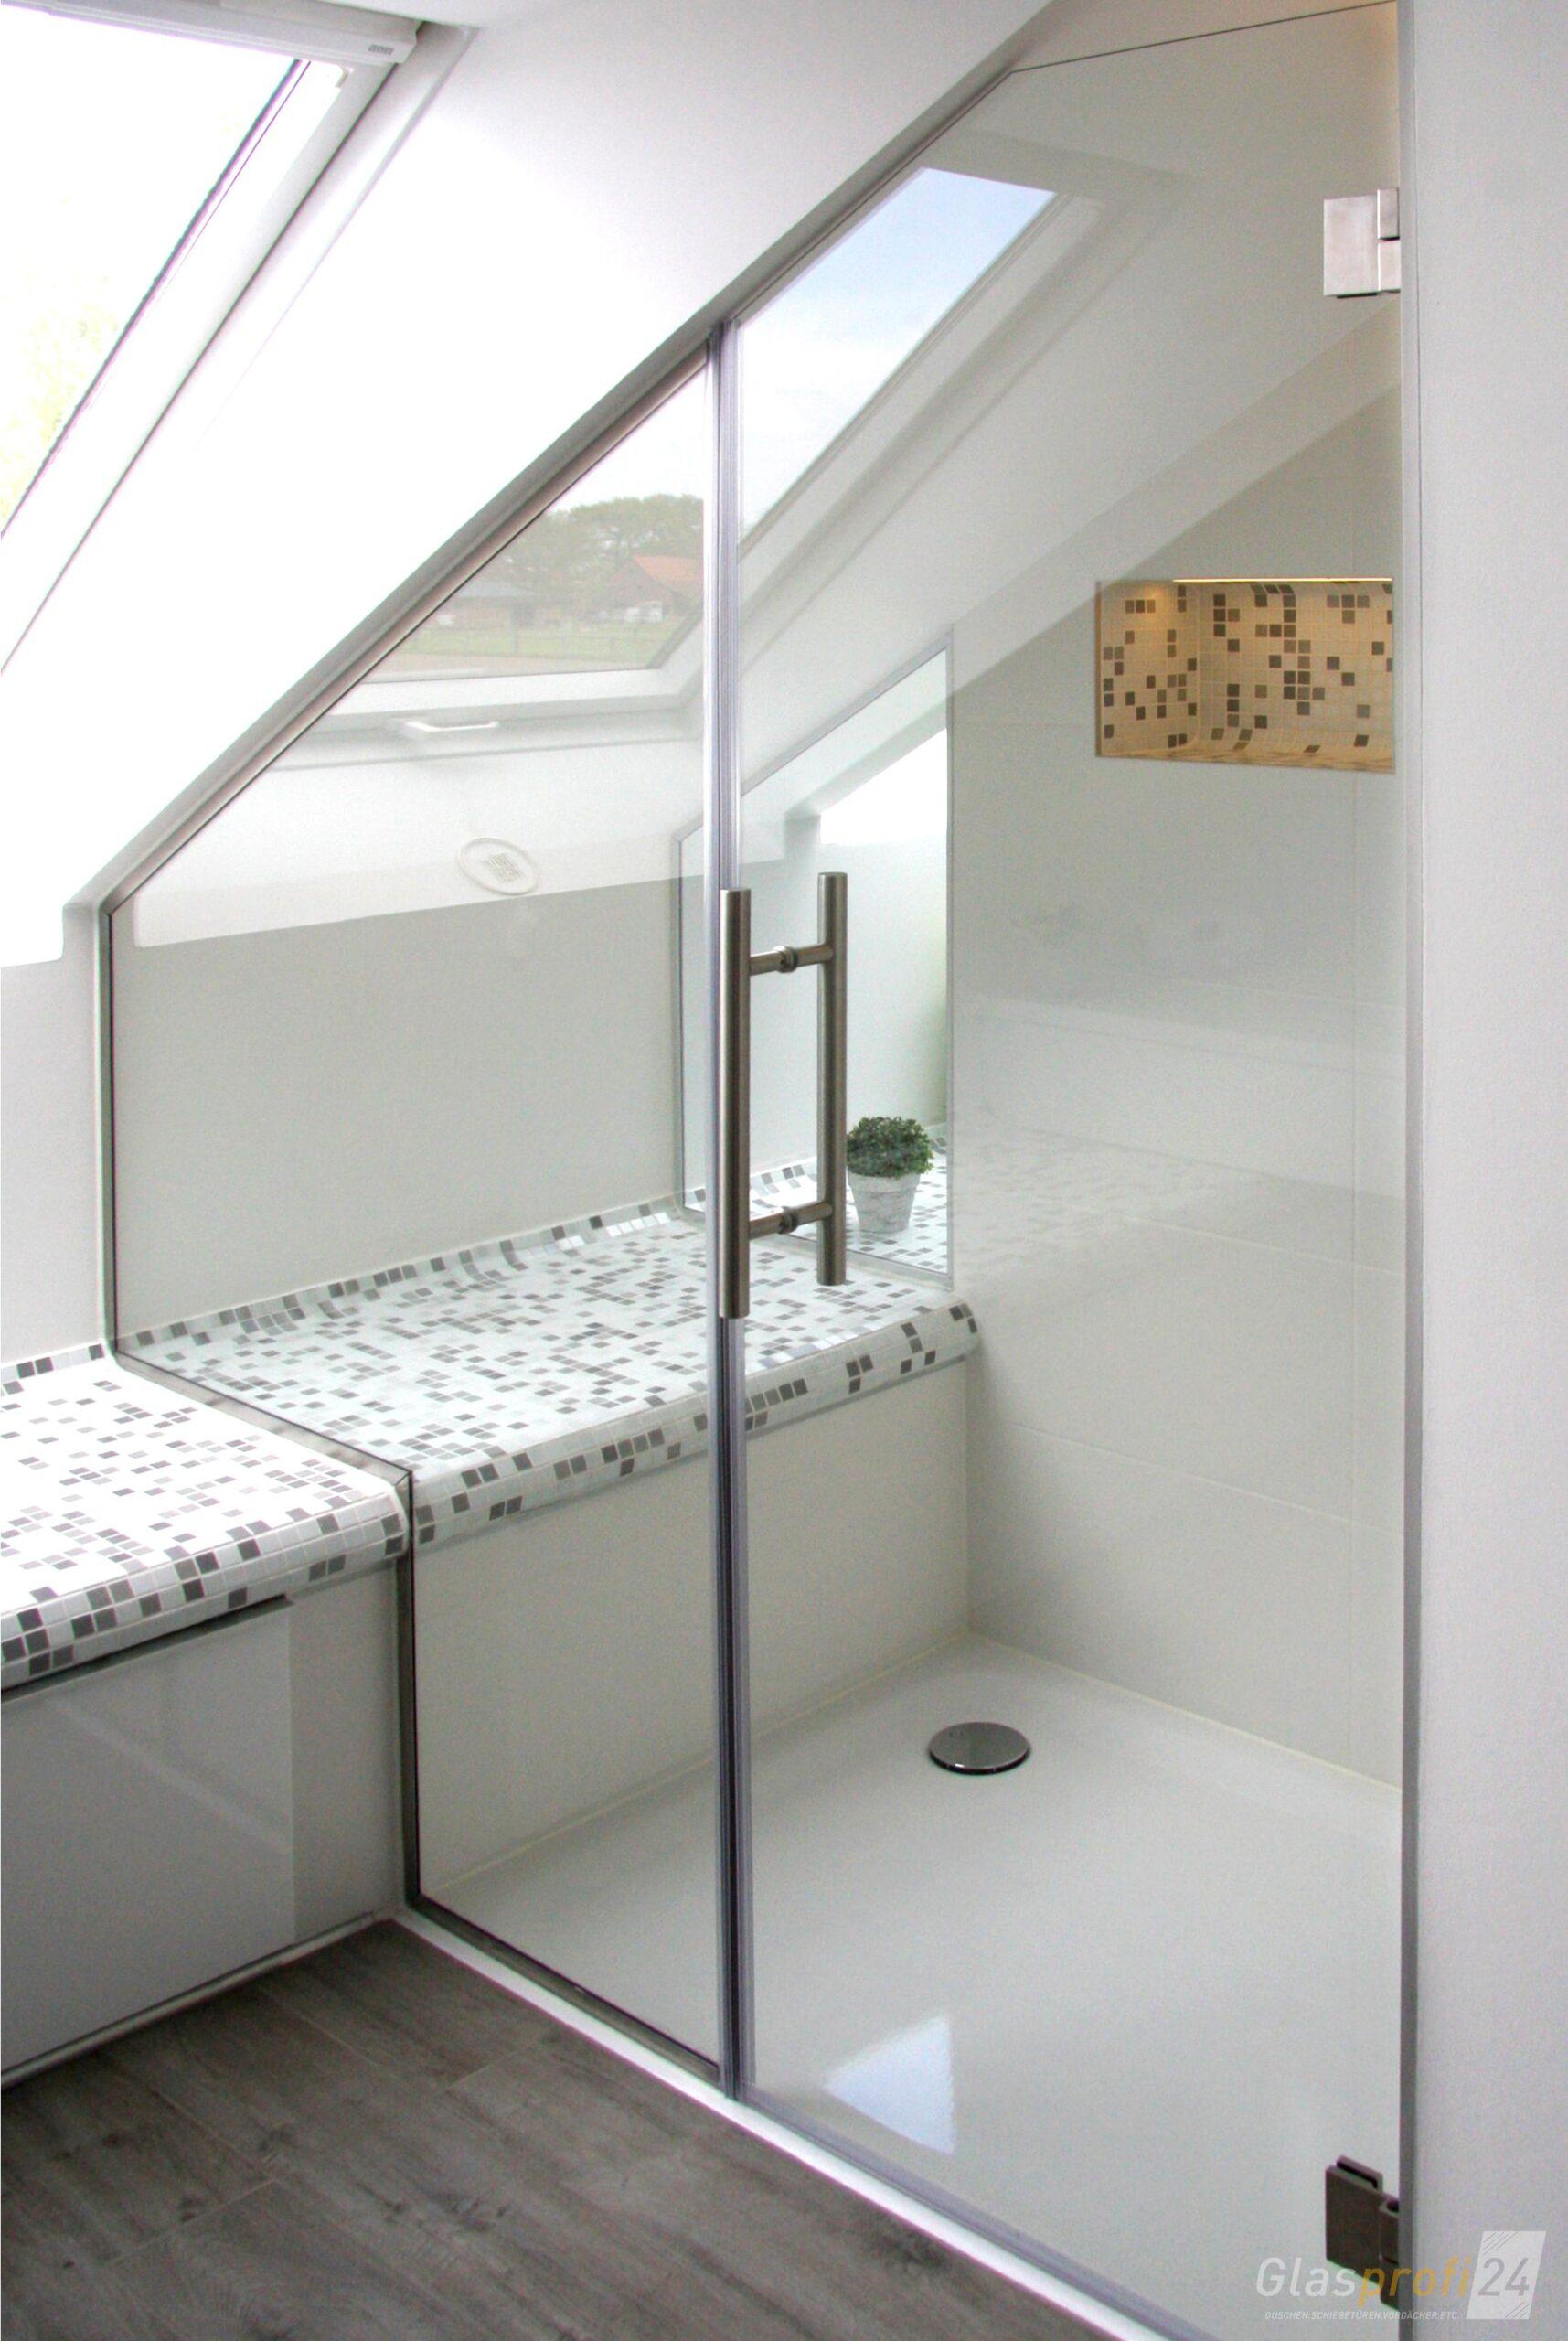 Full Size of Nischendusche Aus Glas Duschtr In Nische Glasprofi24 Dusche Ebenerdig Bodengleiche Duschen 80x80 Begehbare Fliesen Kaufen Glastür Unterputz Armatur Dusche Glastrennwand Dusche